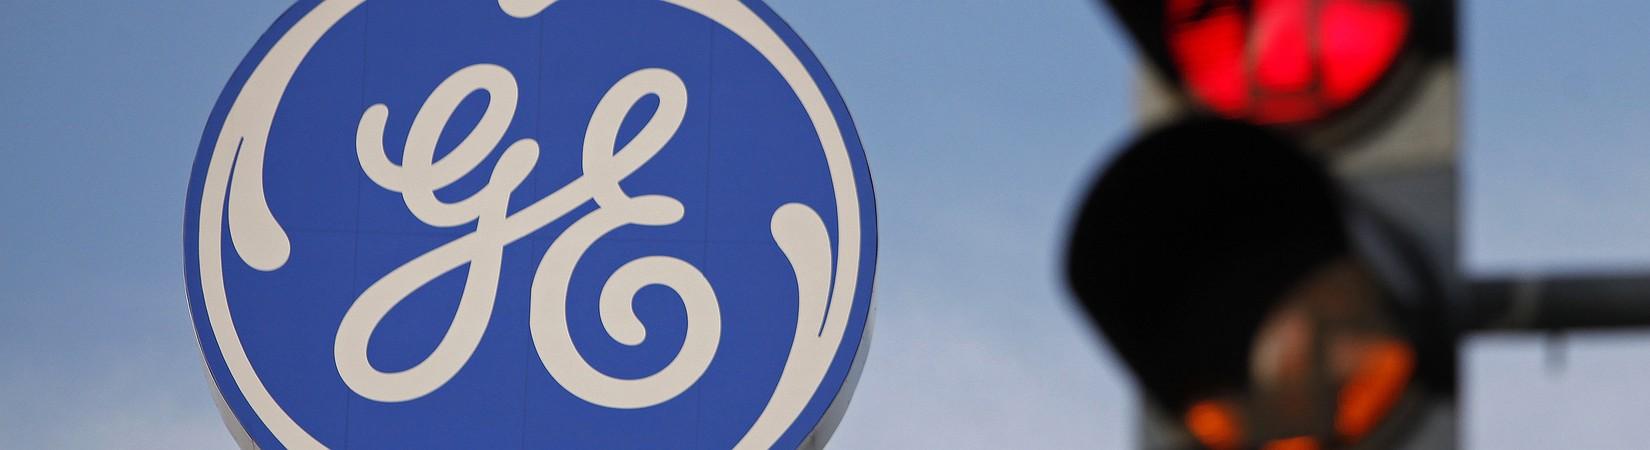 ¿Qué está pasando con General Electric?